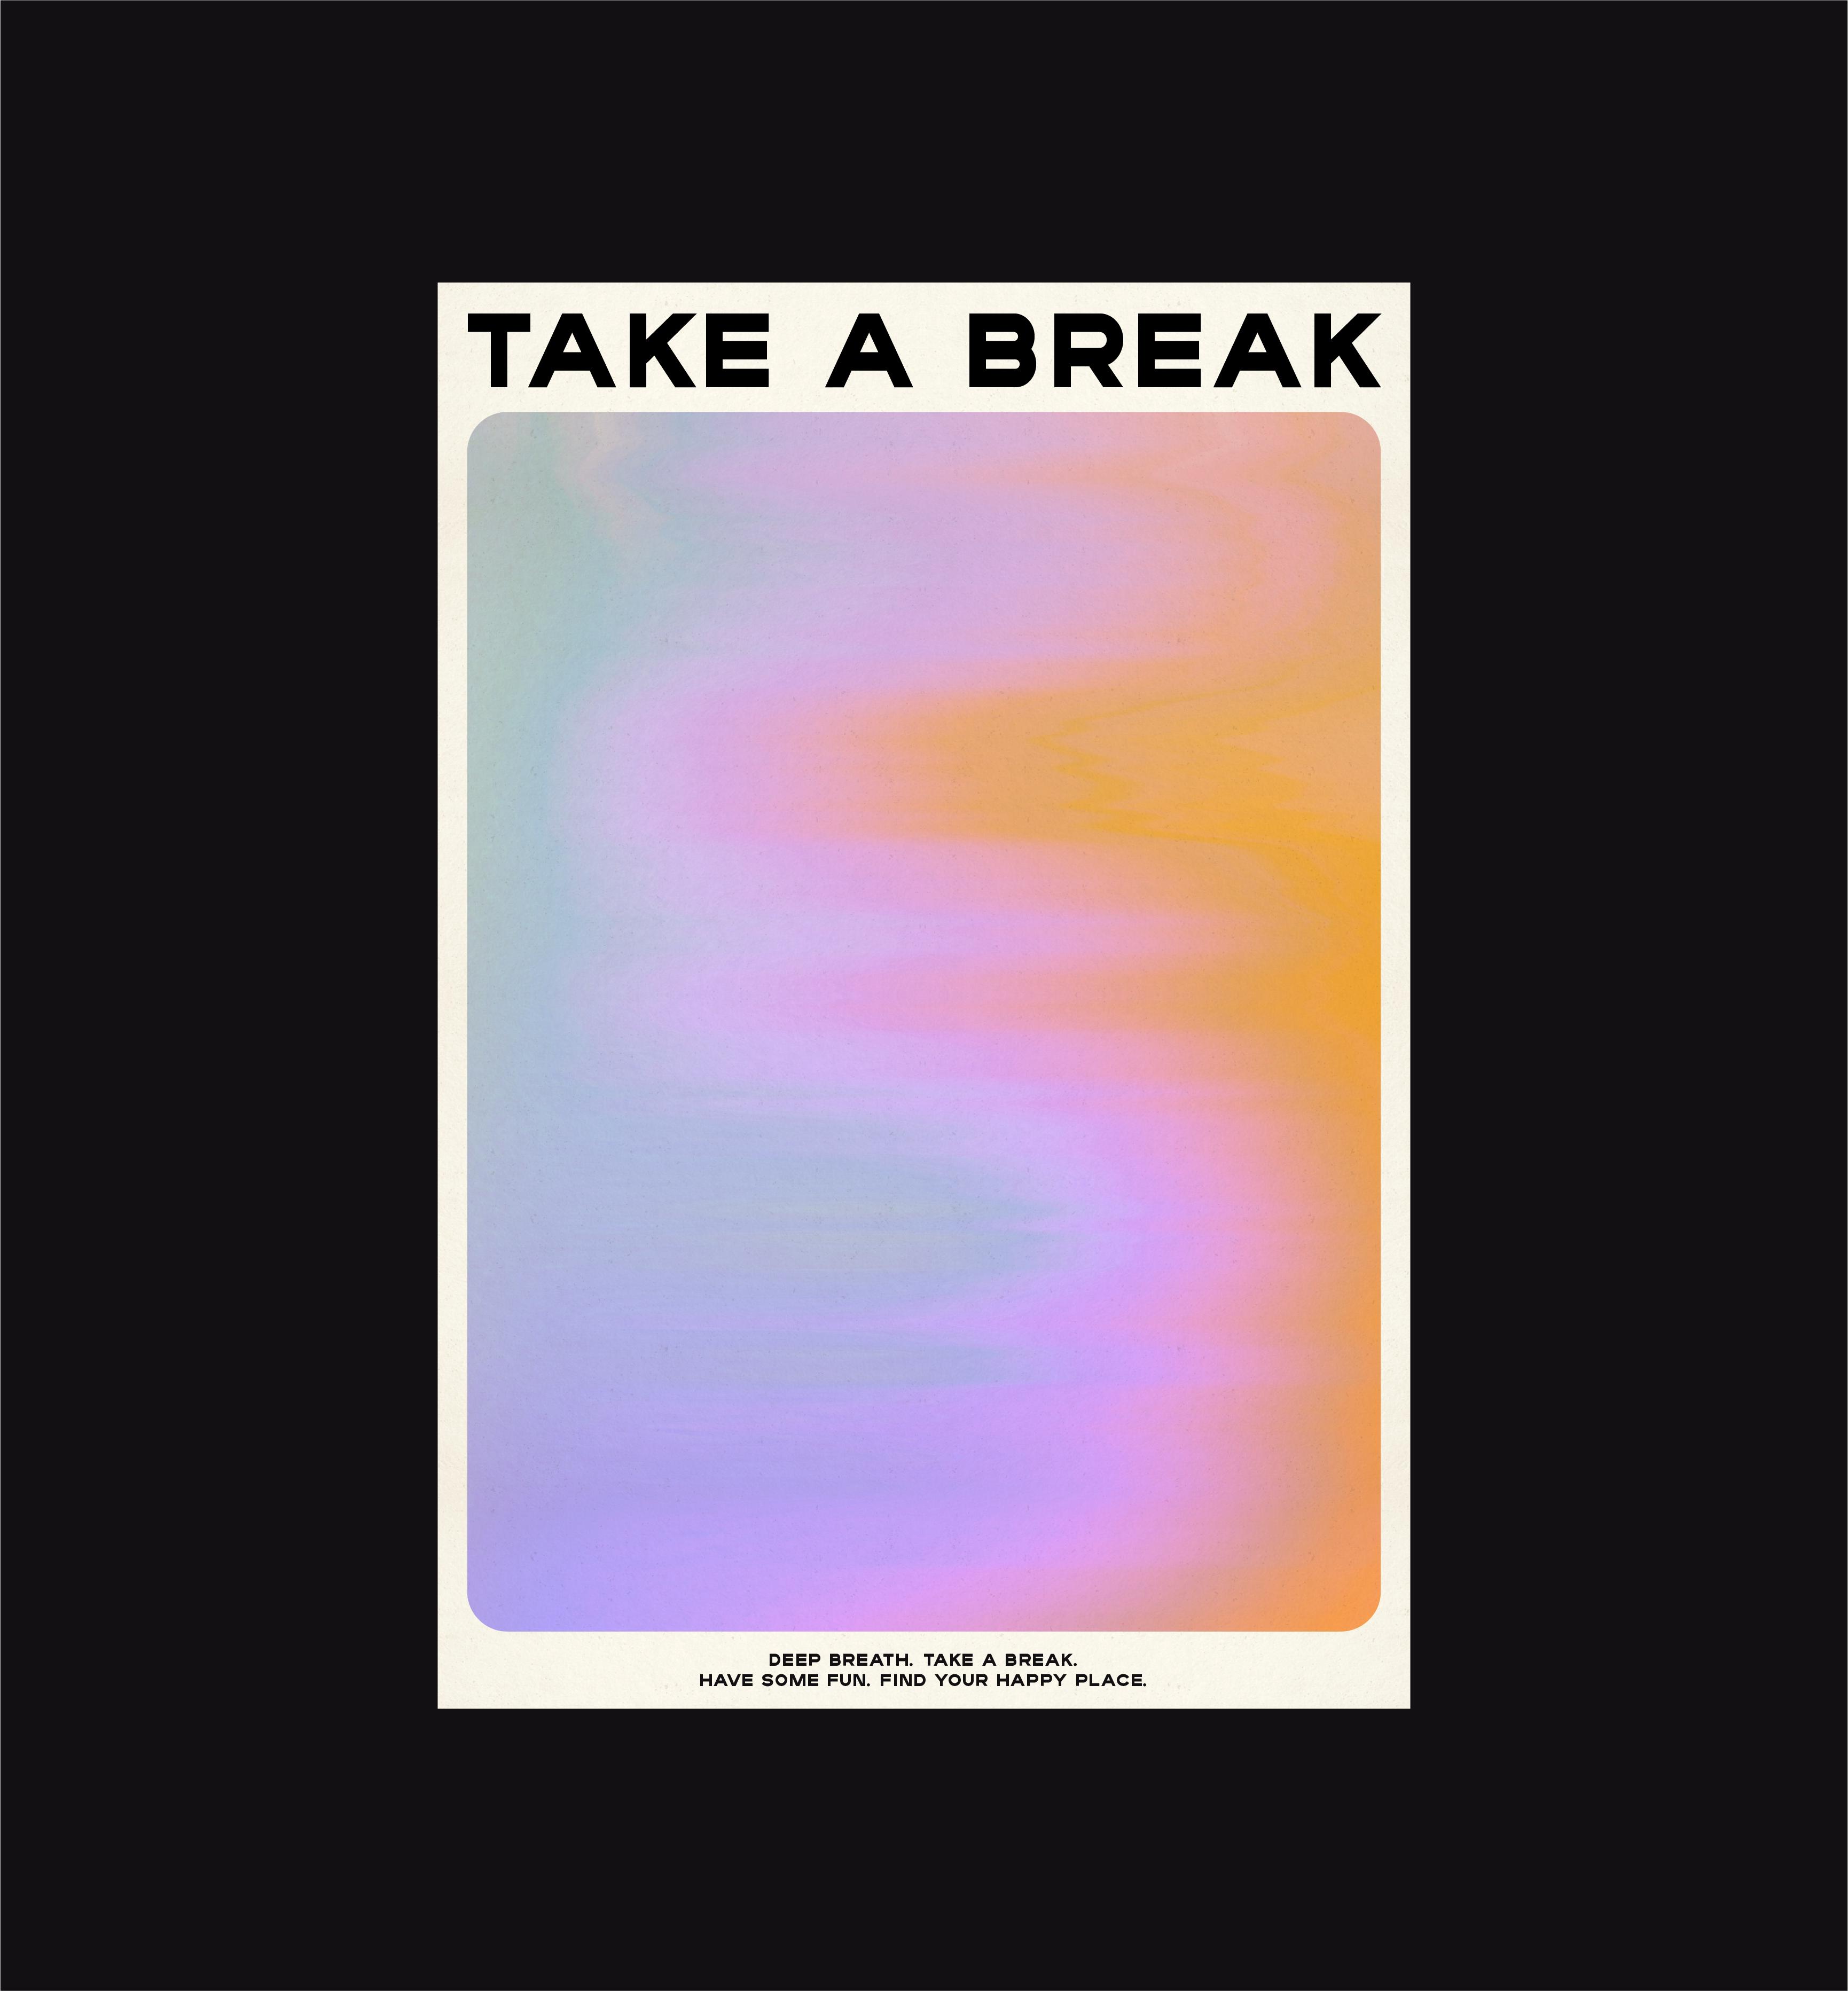 HP_Story_Posters_Take_A_Break